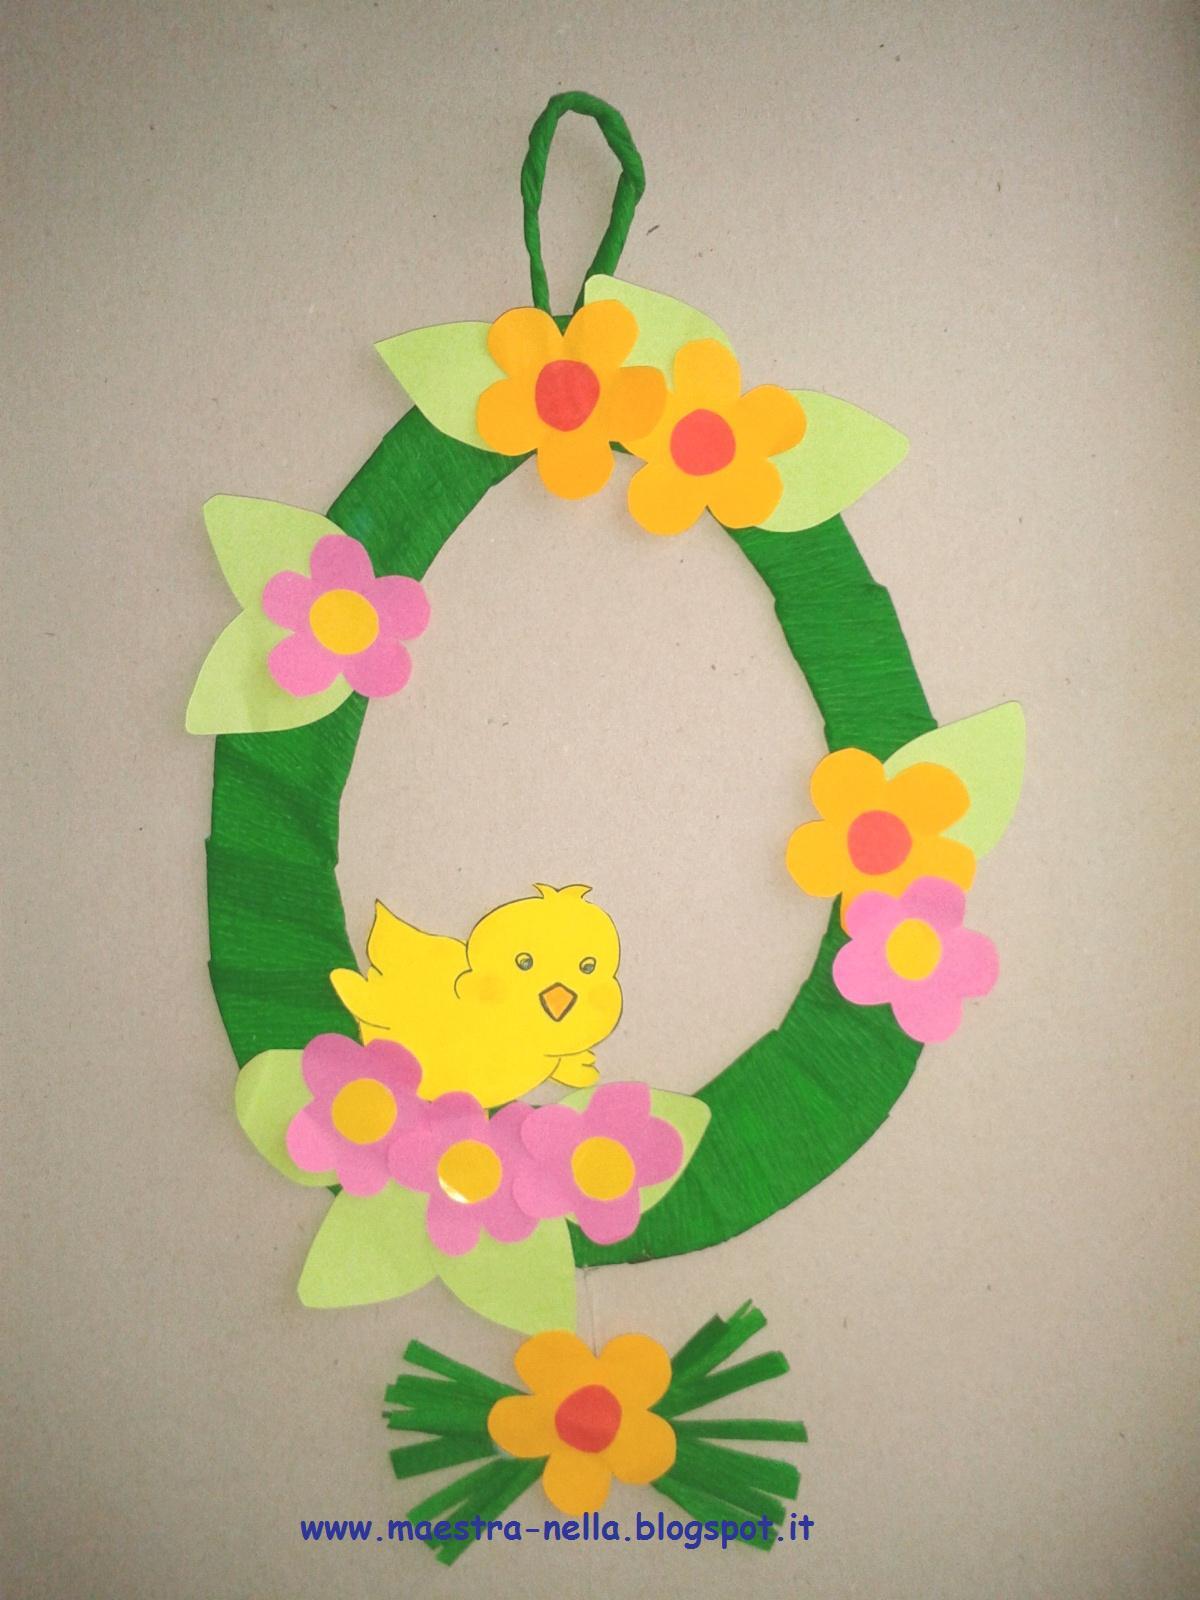 Maestra nella decorazione pasquale - Decorazioni uova pasquali per bambini ...